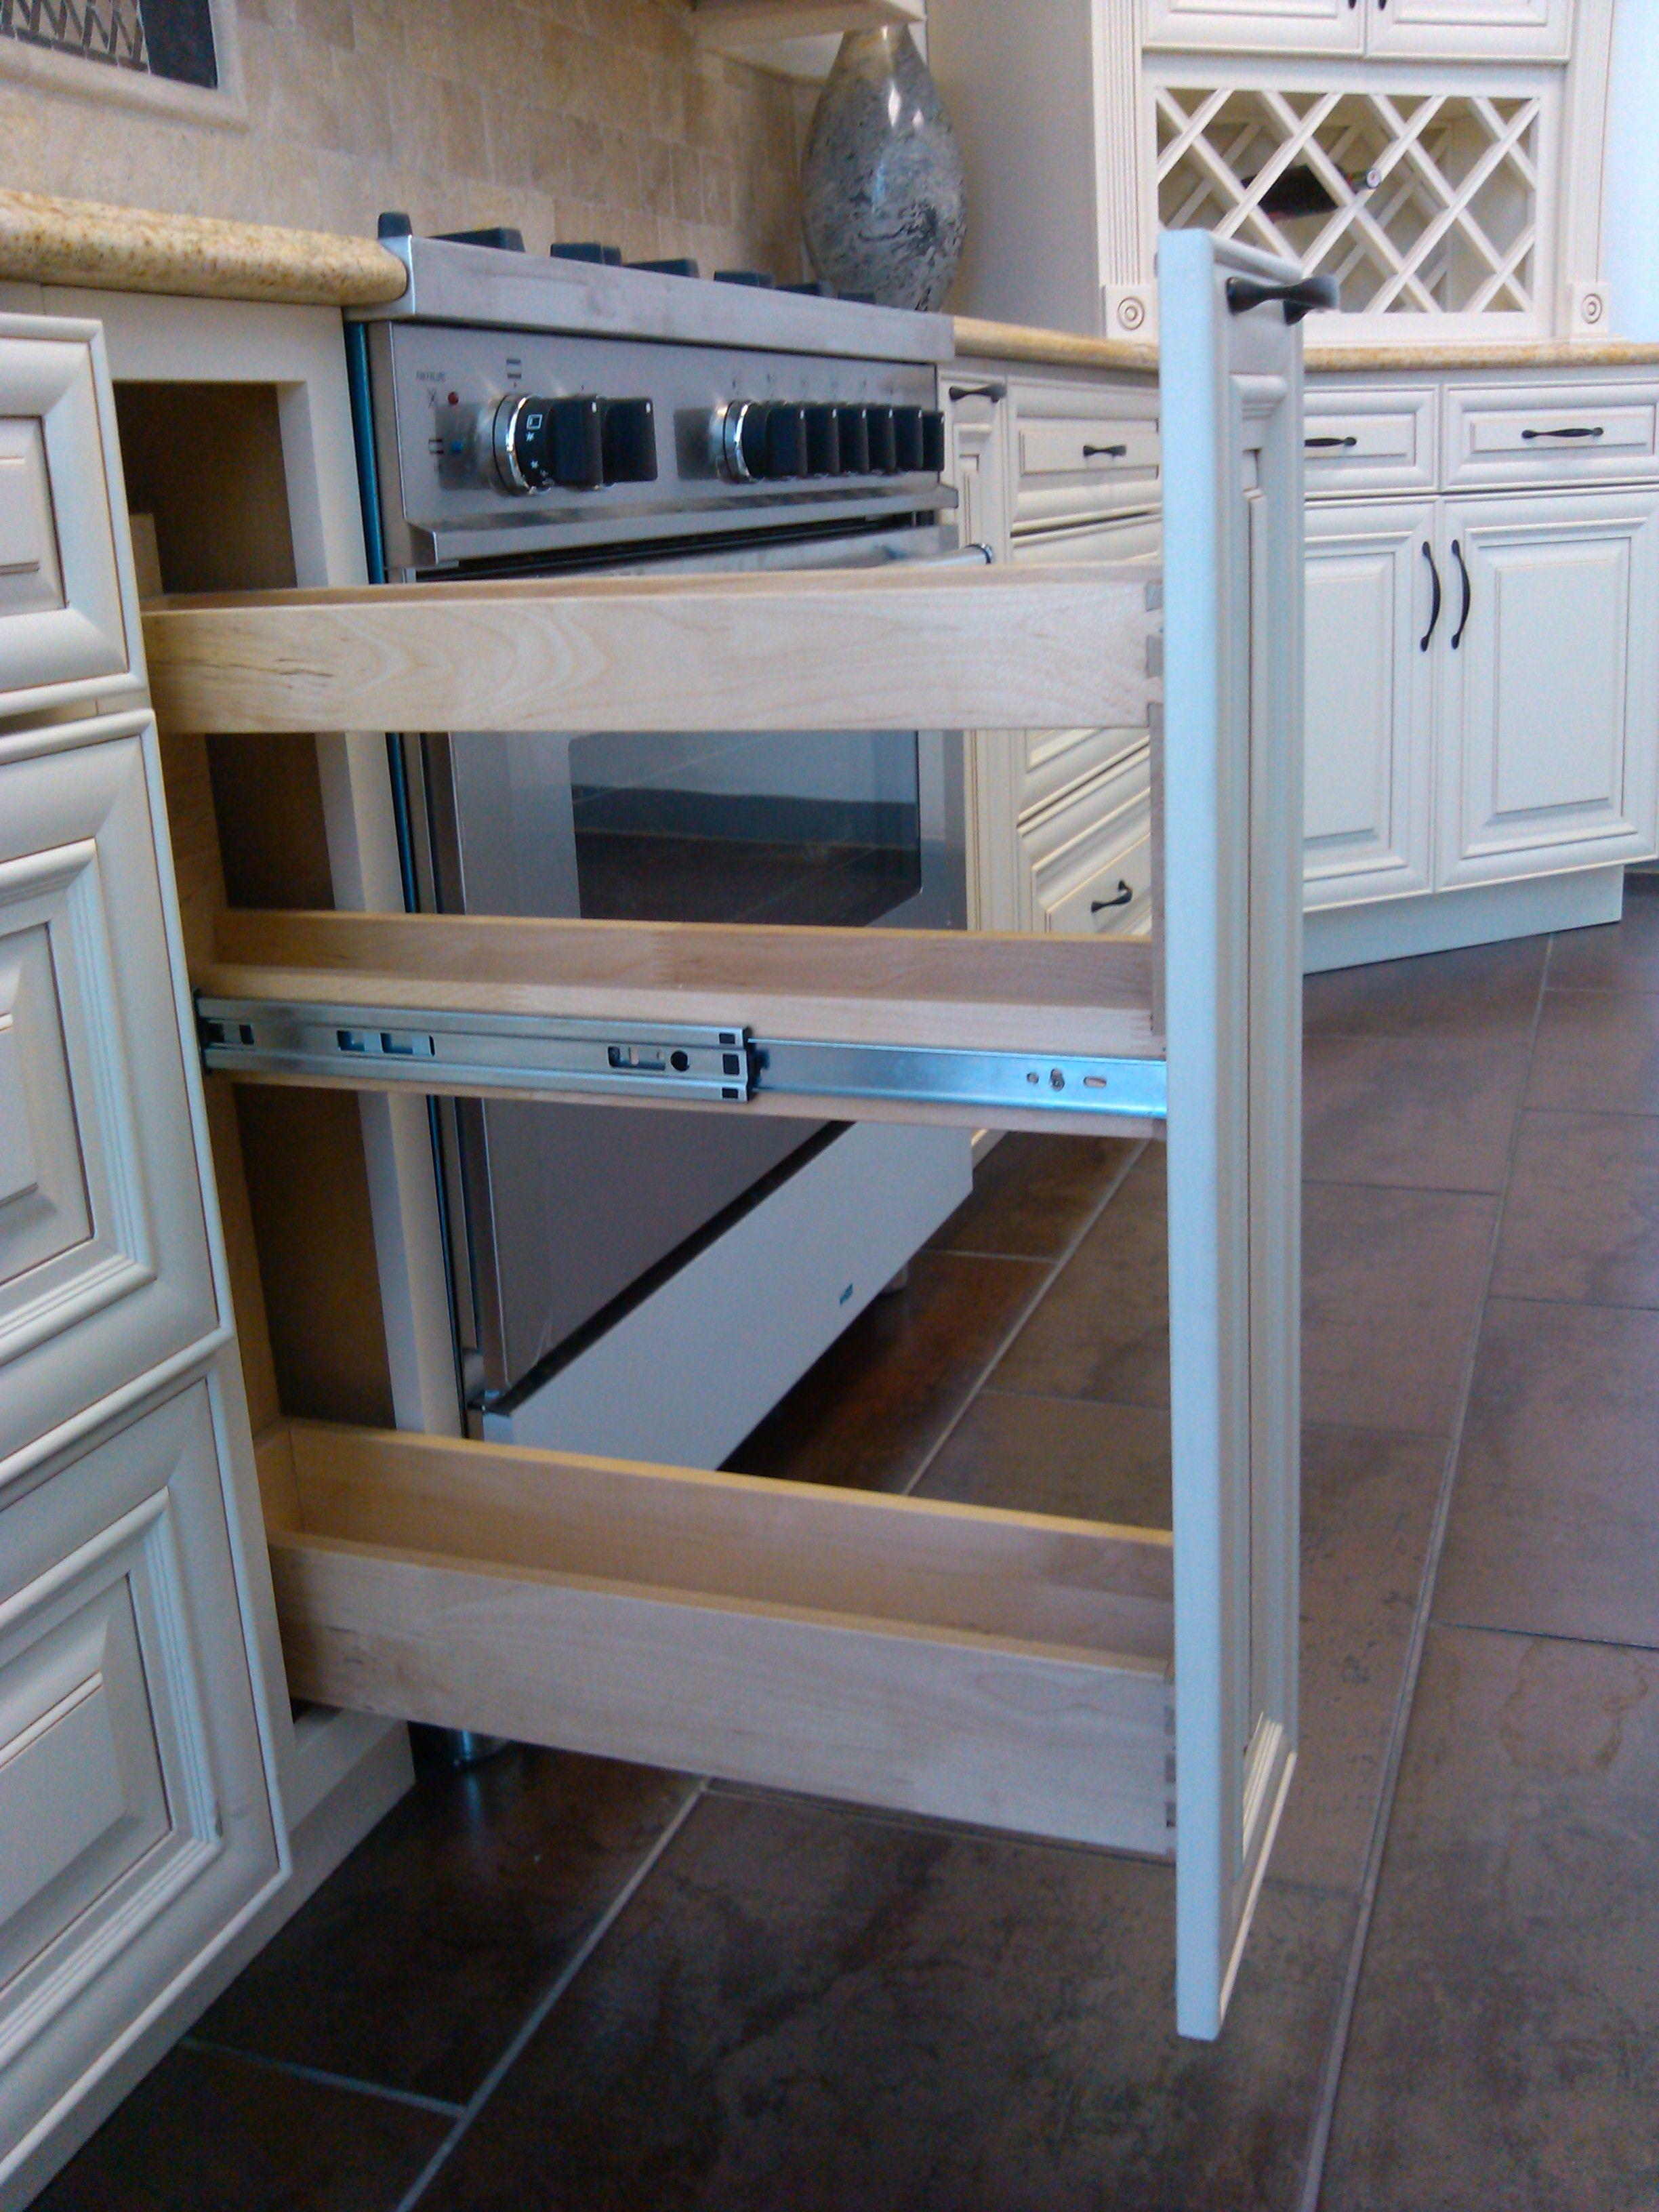 Cream Maple Glaze Rta Cabinets From Cabinetsdirectrta Com Rta Cabinets Cabinet Home Decor